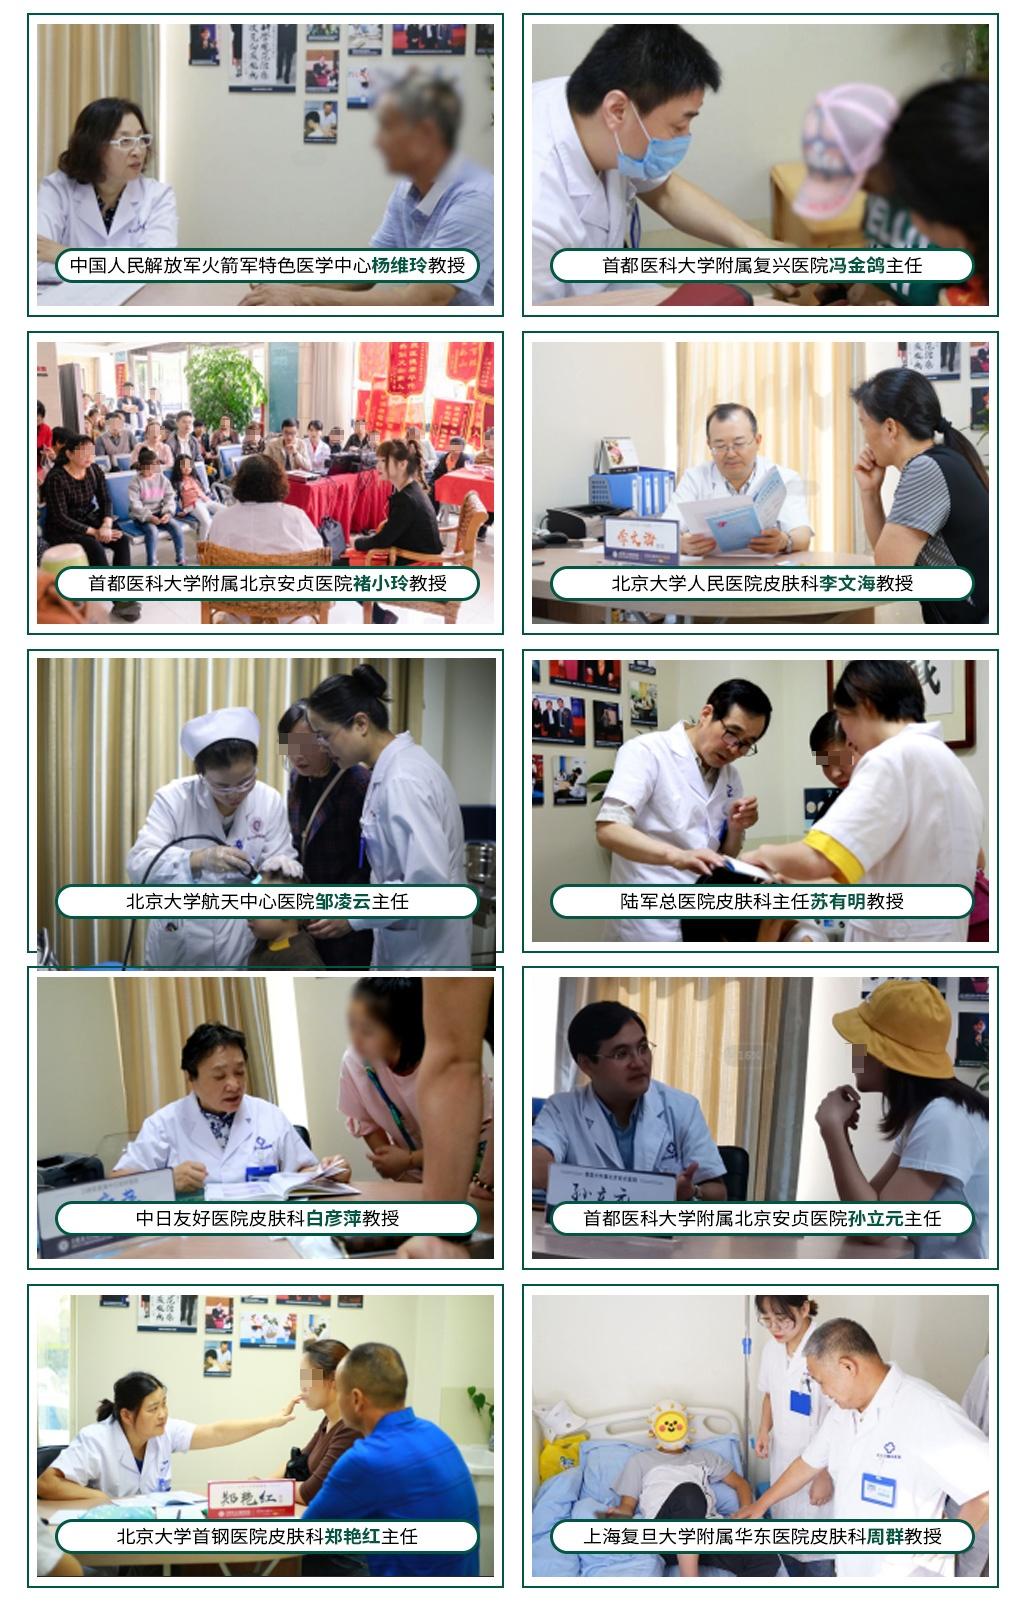 """喜讯:合肥北大白癜风医院荣获""""安徽诚信医疗•老牌口碑医院""""称号!"""